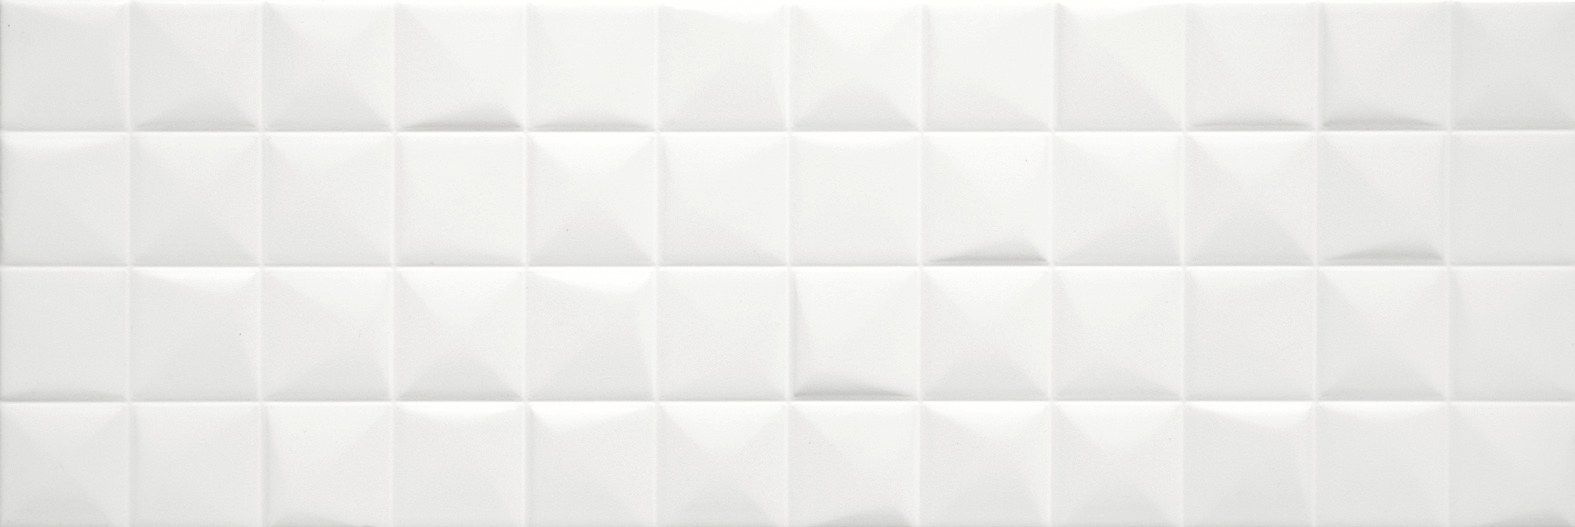 Ceramica Blanca Para Pared Buscar Con Google Ceramica Blanca Pared Ceramica